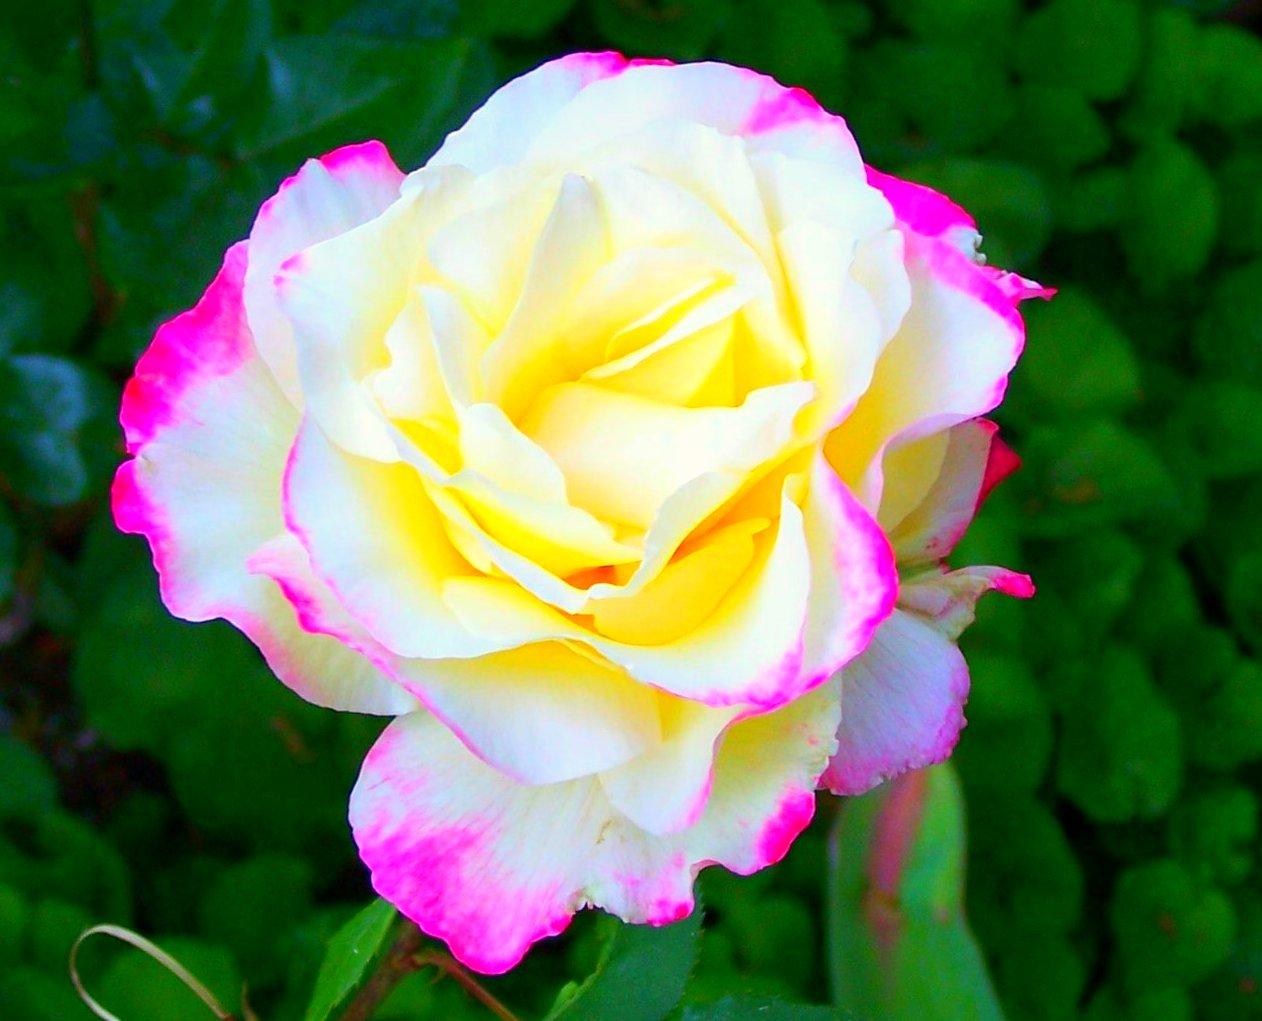 بالصور اجمل وردة في العالم , ماهى انواع الورد 5216 4